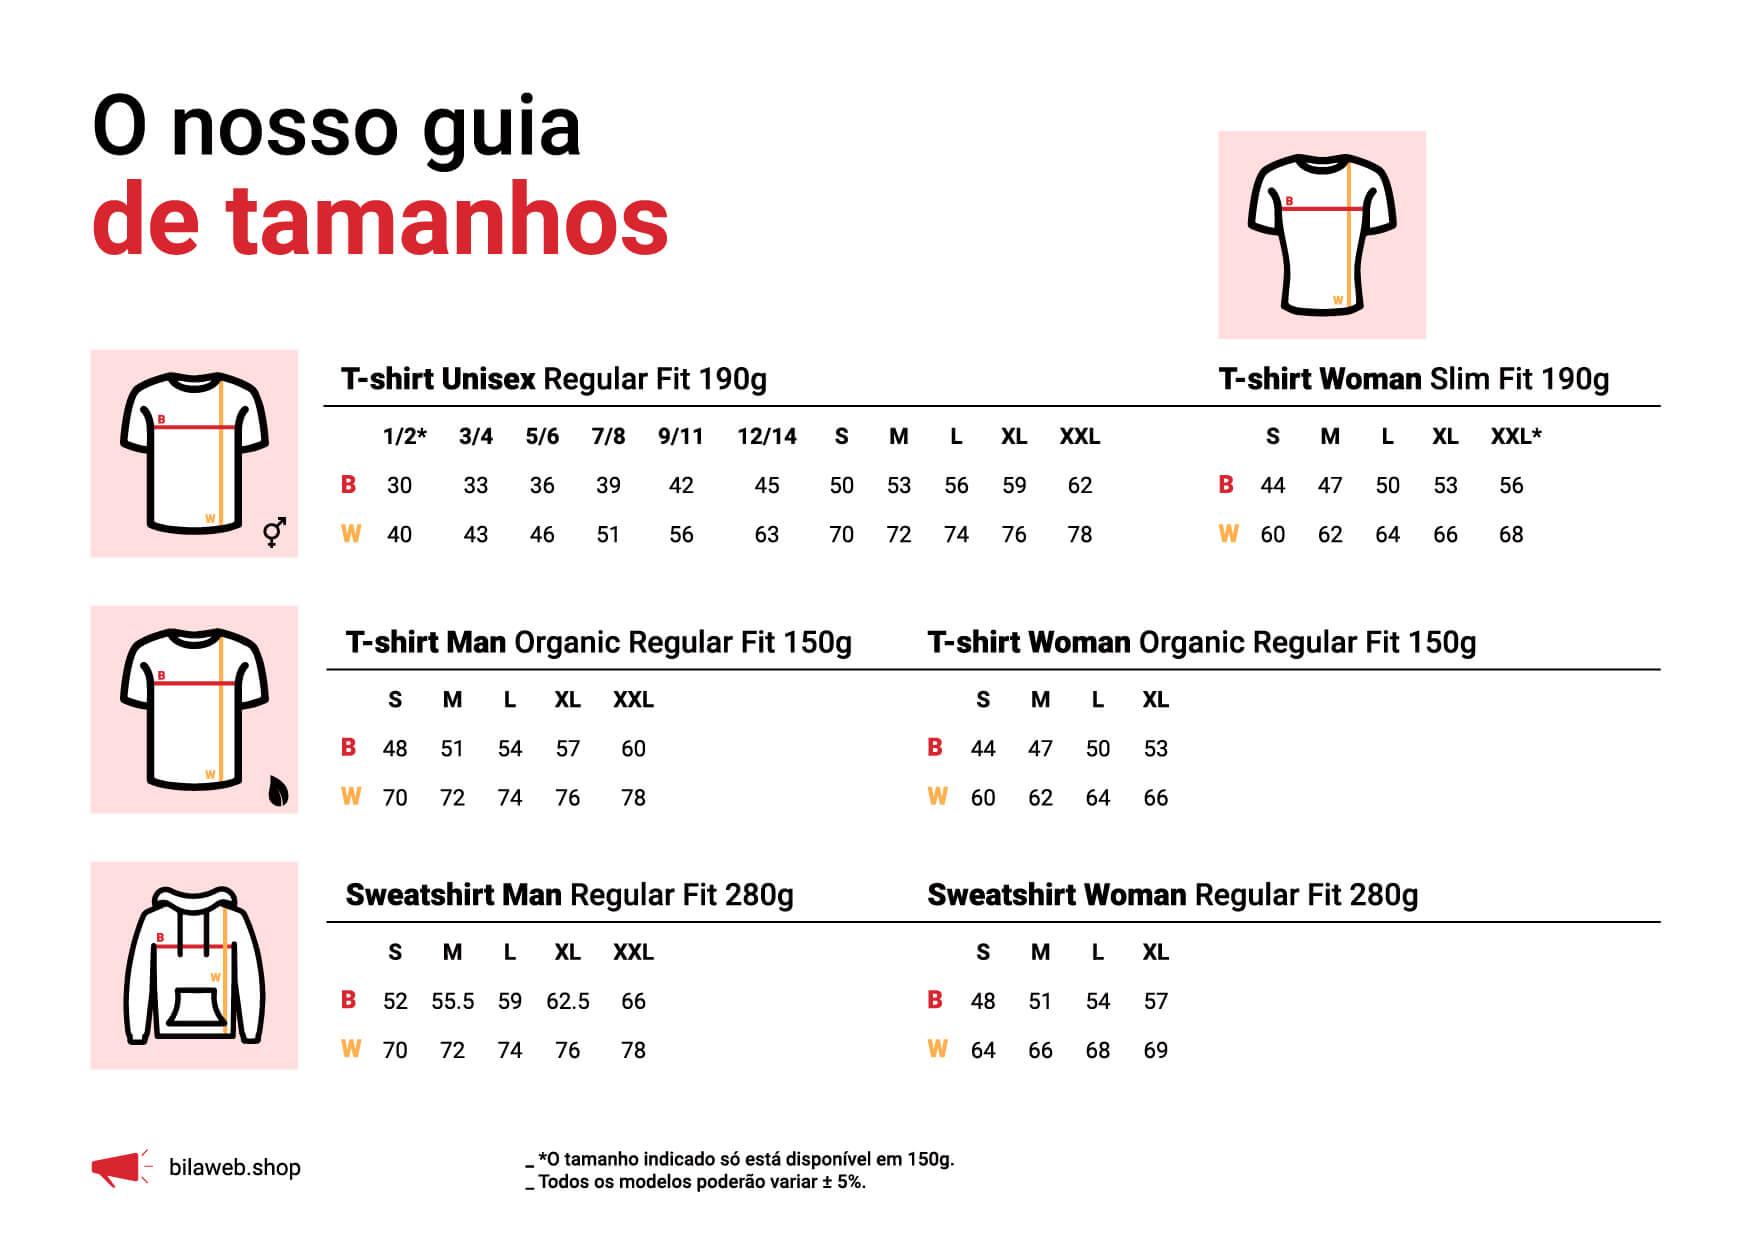 Guia de Tamanhos - bilaweb.shop